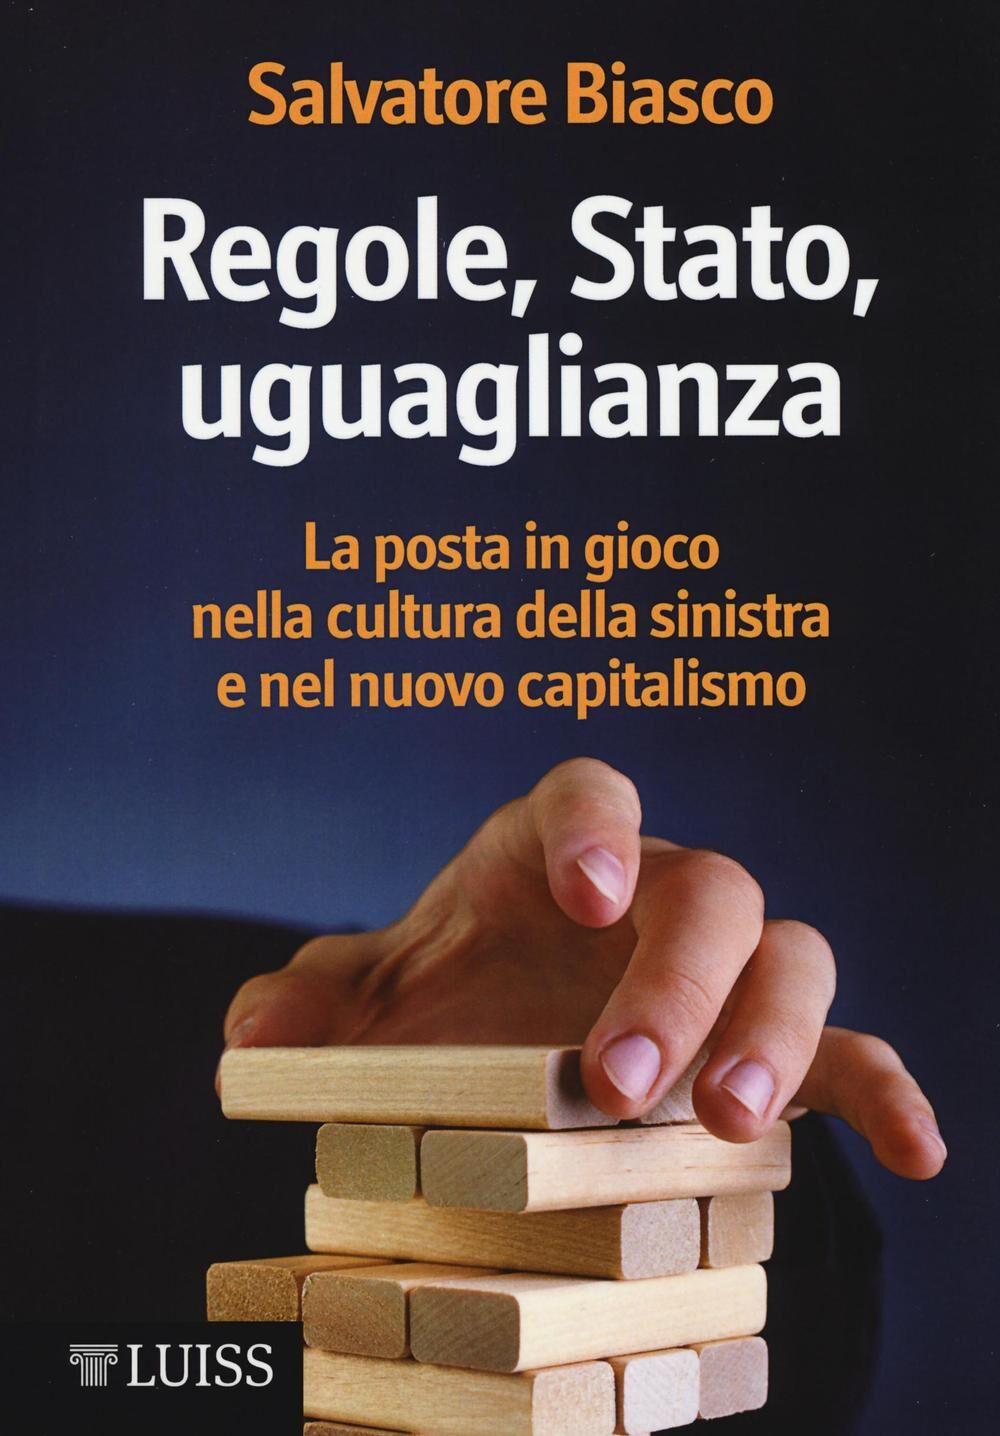 Regole, Stato, uguaglianza. La posta in gioco nella cultura della sinistra e nel nuovo capitalismo